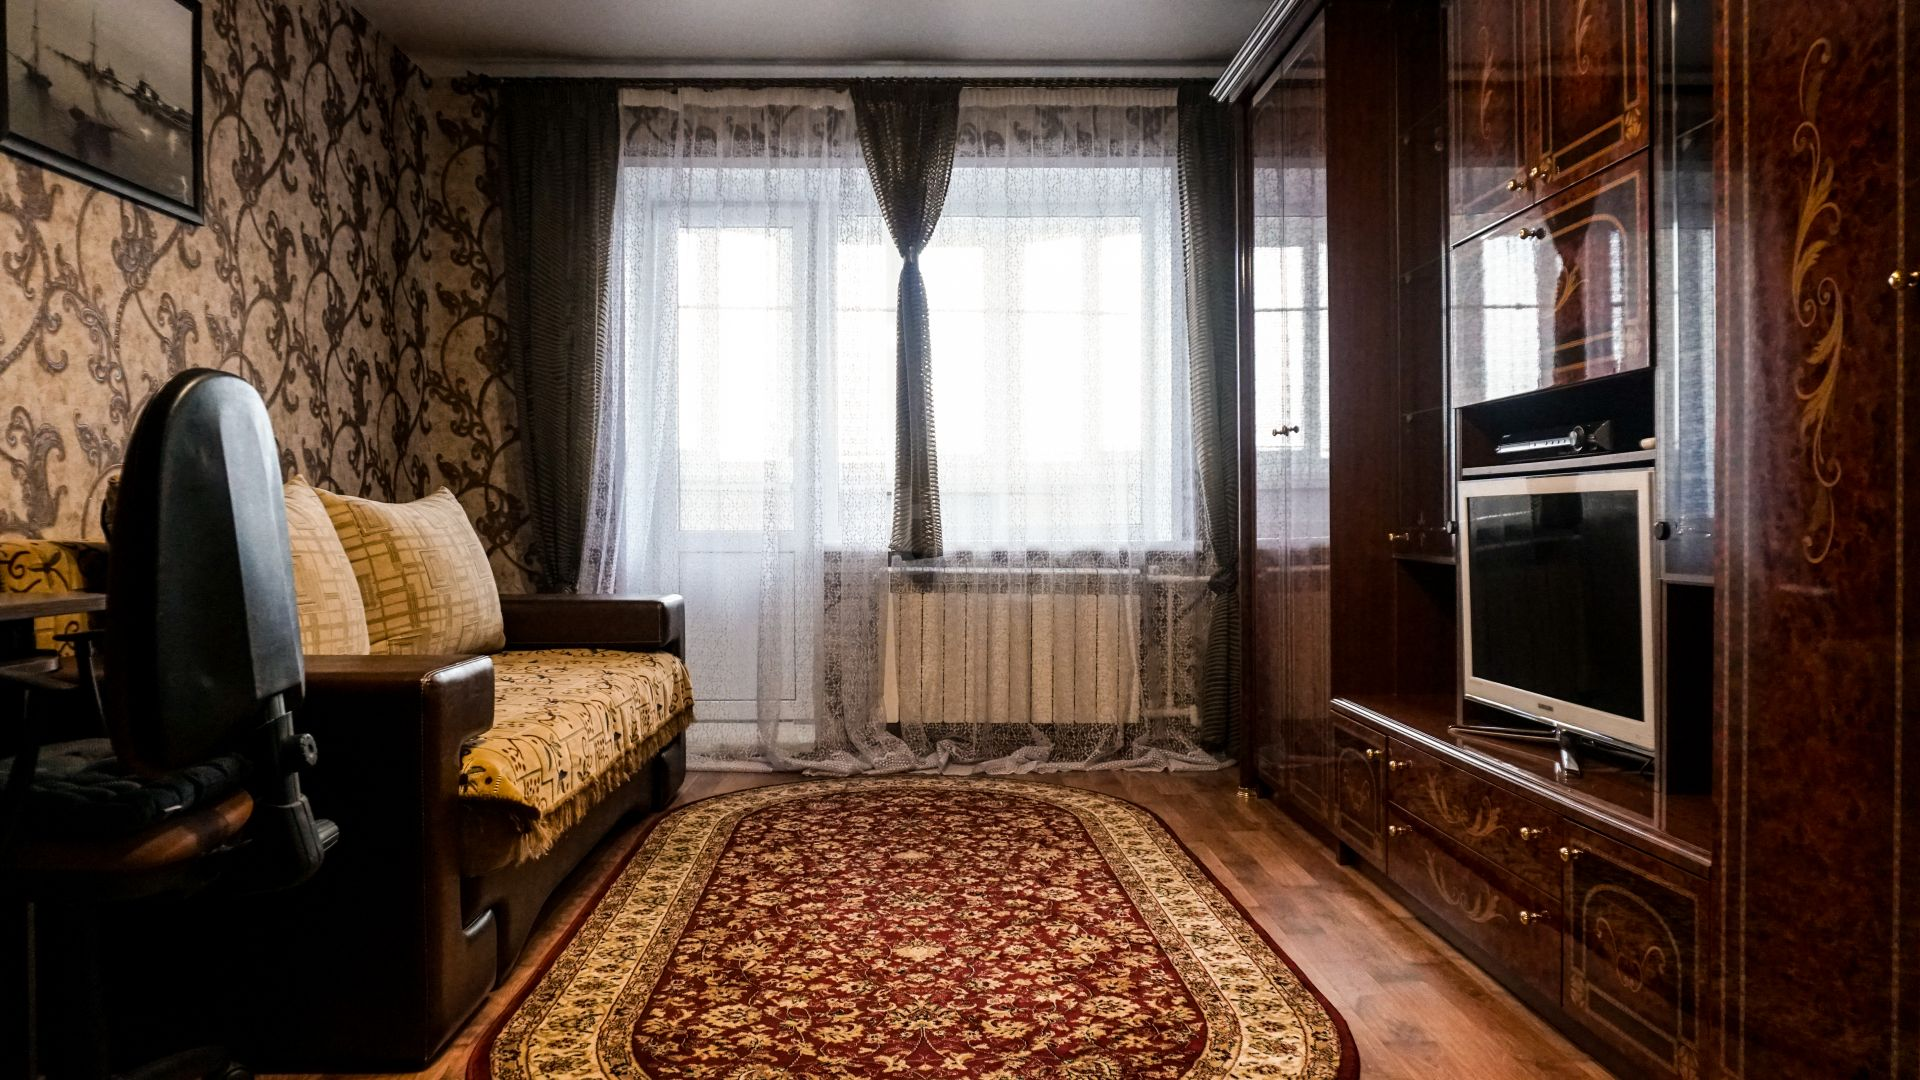 Муром, Воровского, 67, 2-к. квартира на продажу